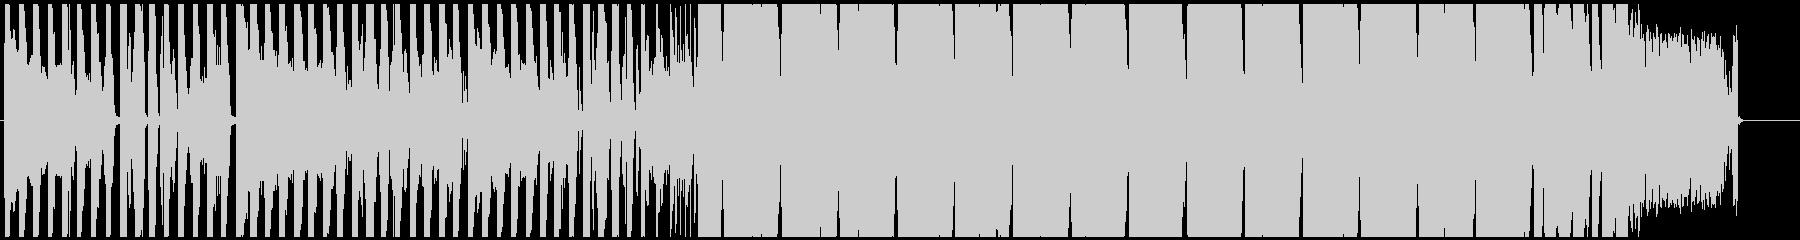 ハウス ダンス プログレッシブ バ...の未再生の波形